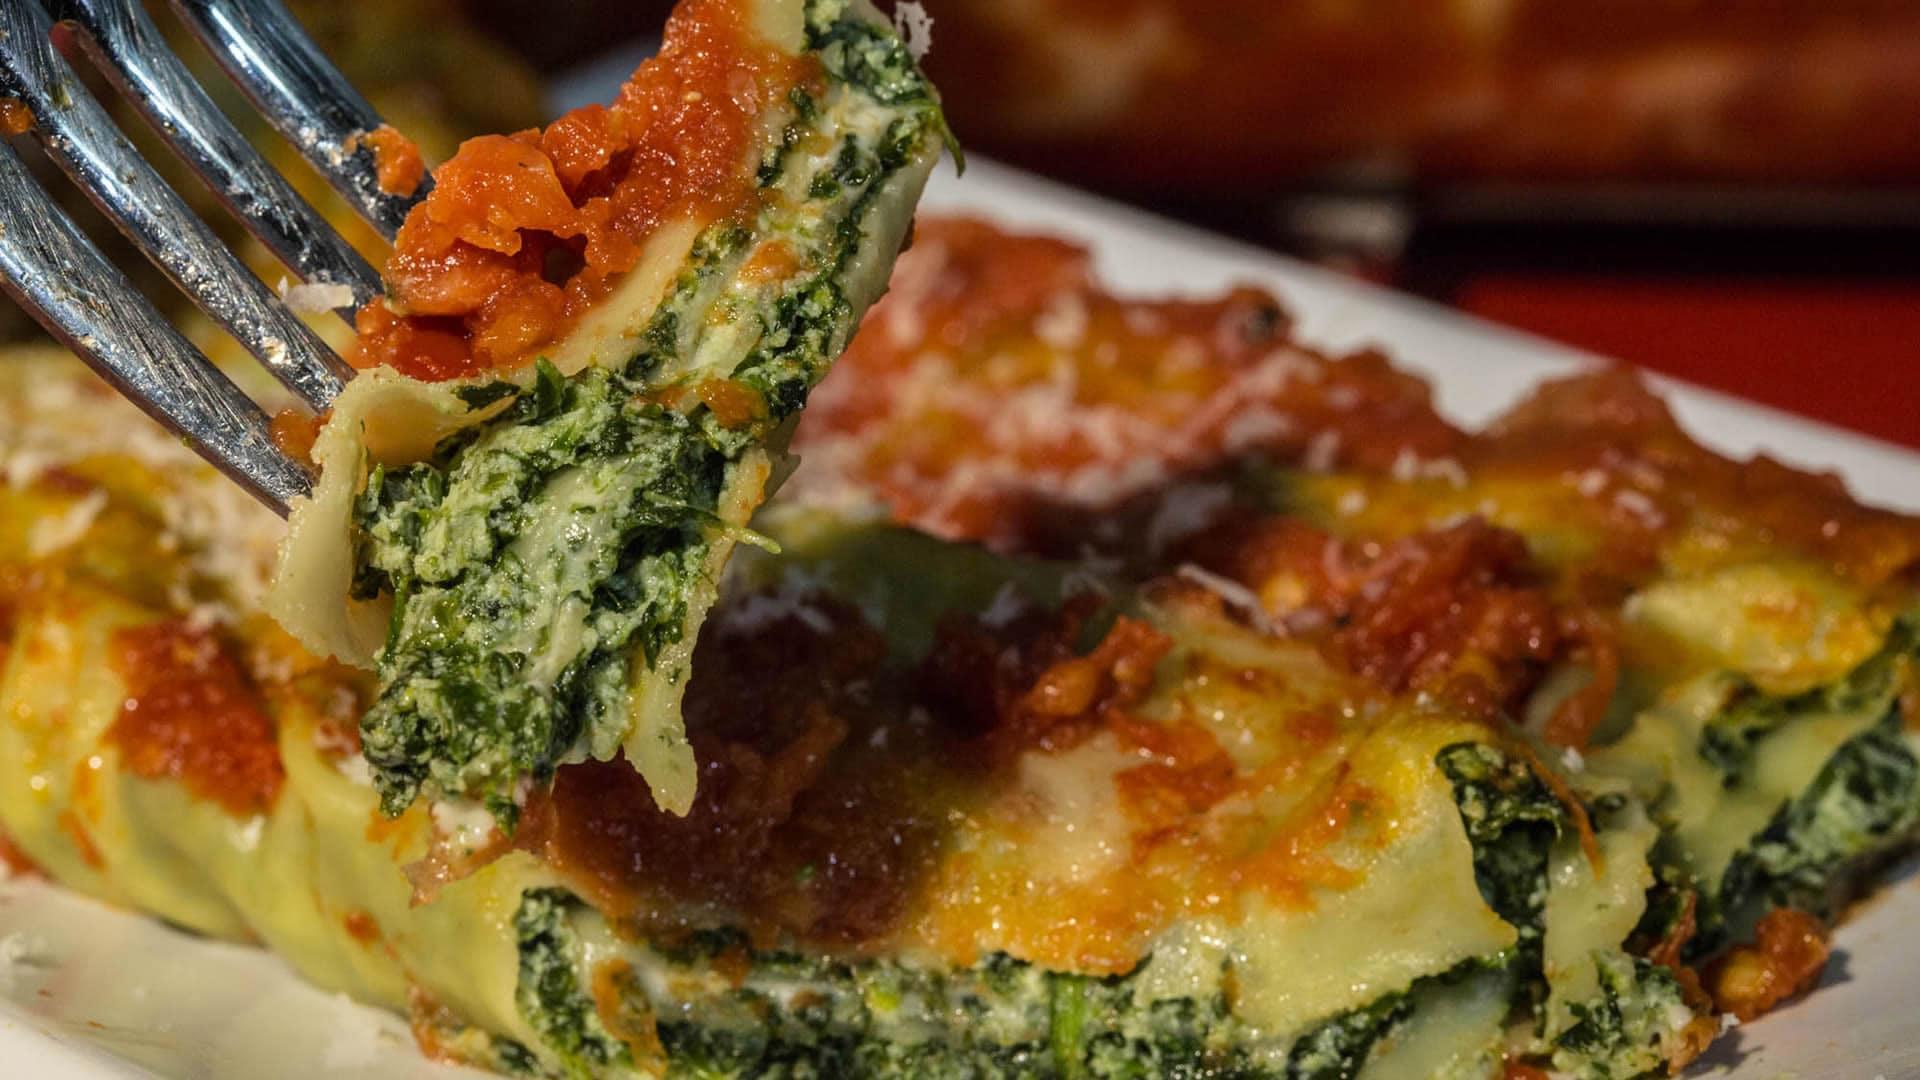 Ricetta crepes ricotta e spinaci al forno